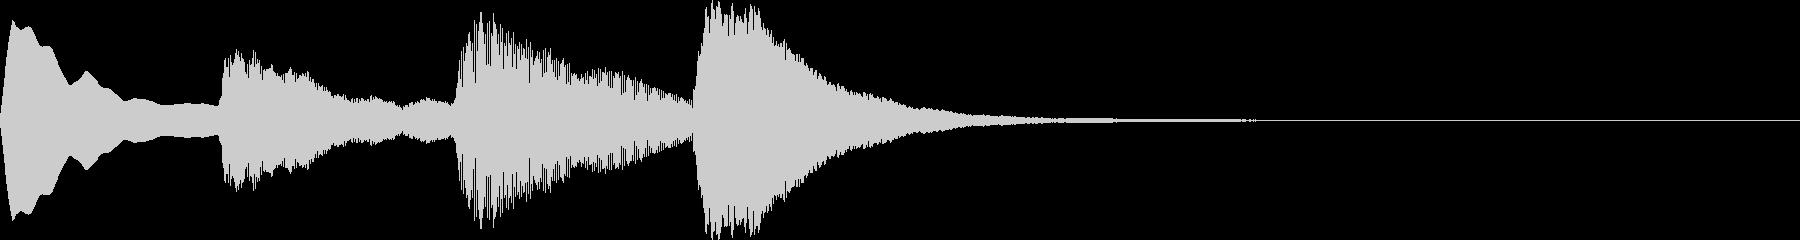 爽やかで静けさのあるジングルですの未再生の波形